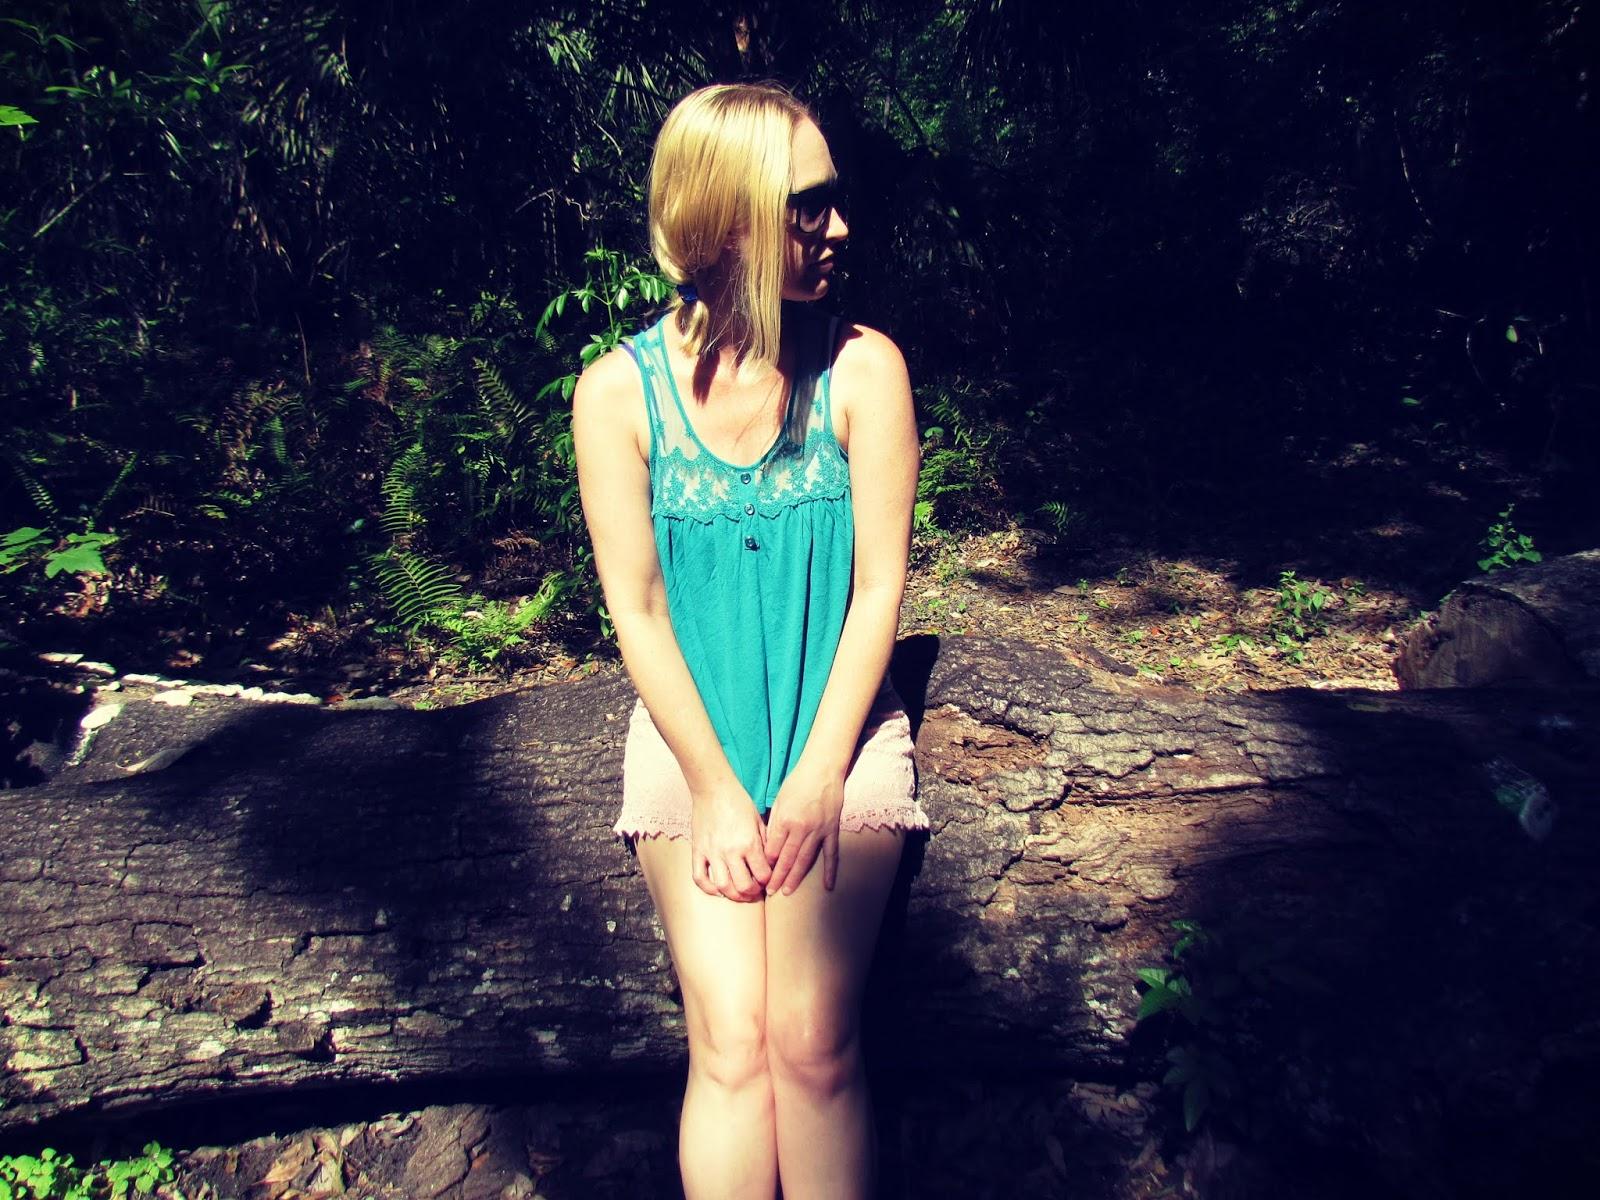 """Celtic Faerie Shaman Laurali Star """"The Faerie Whisperer"""" Hiking Girl Posing on Wooden Log Forest Bathing"""